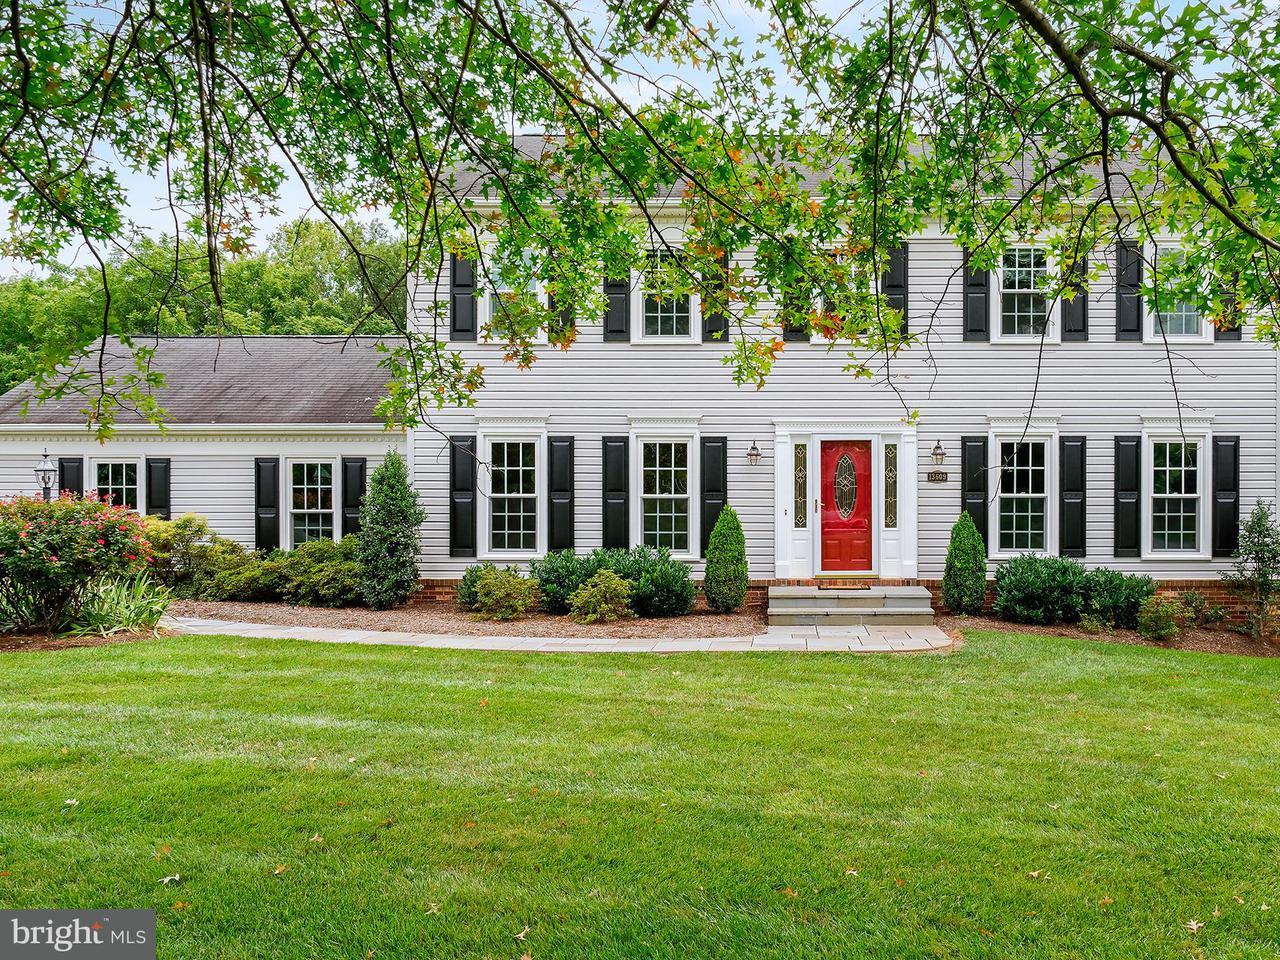 단독 가정 주택 용 매매 에 13609 Copper Ridge Drive 13609 Copper Ridge Drive Herndon, 버지니아 20171 미국